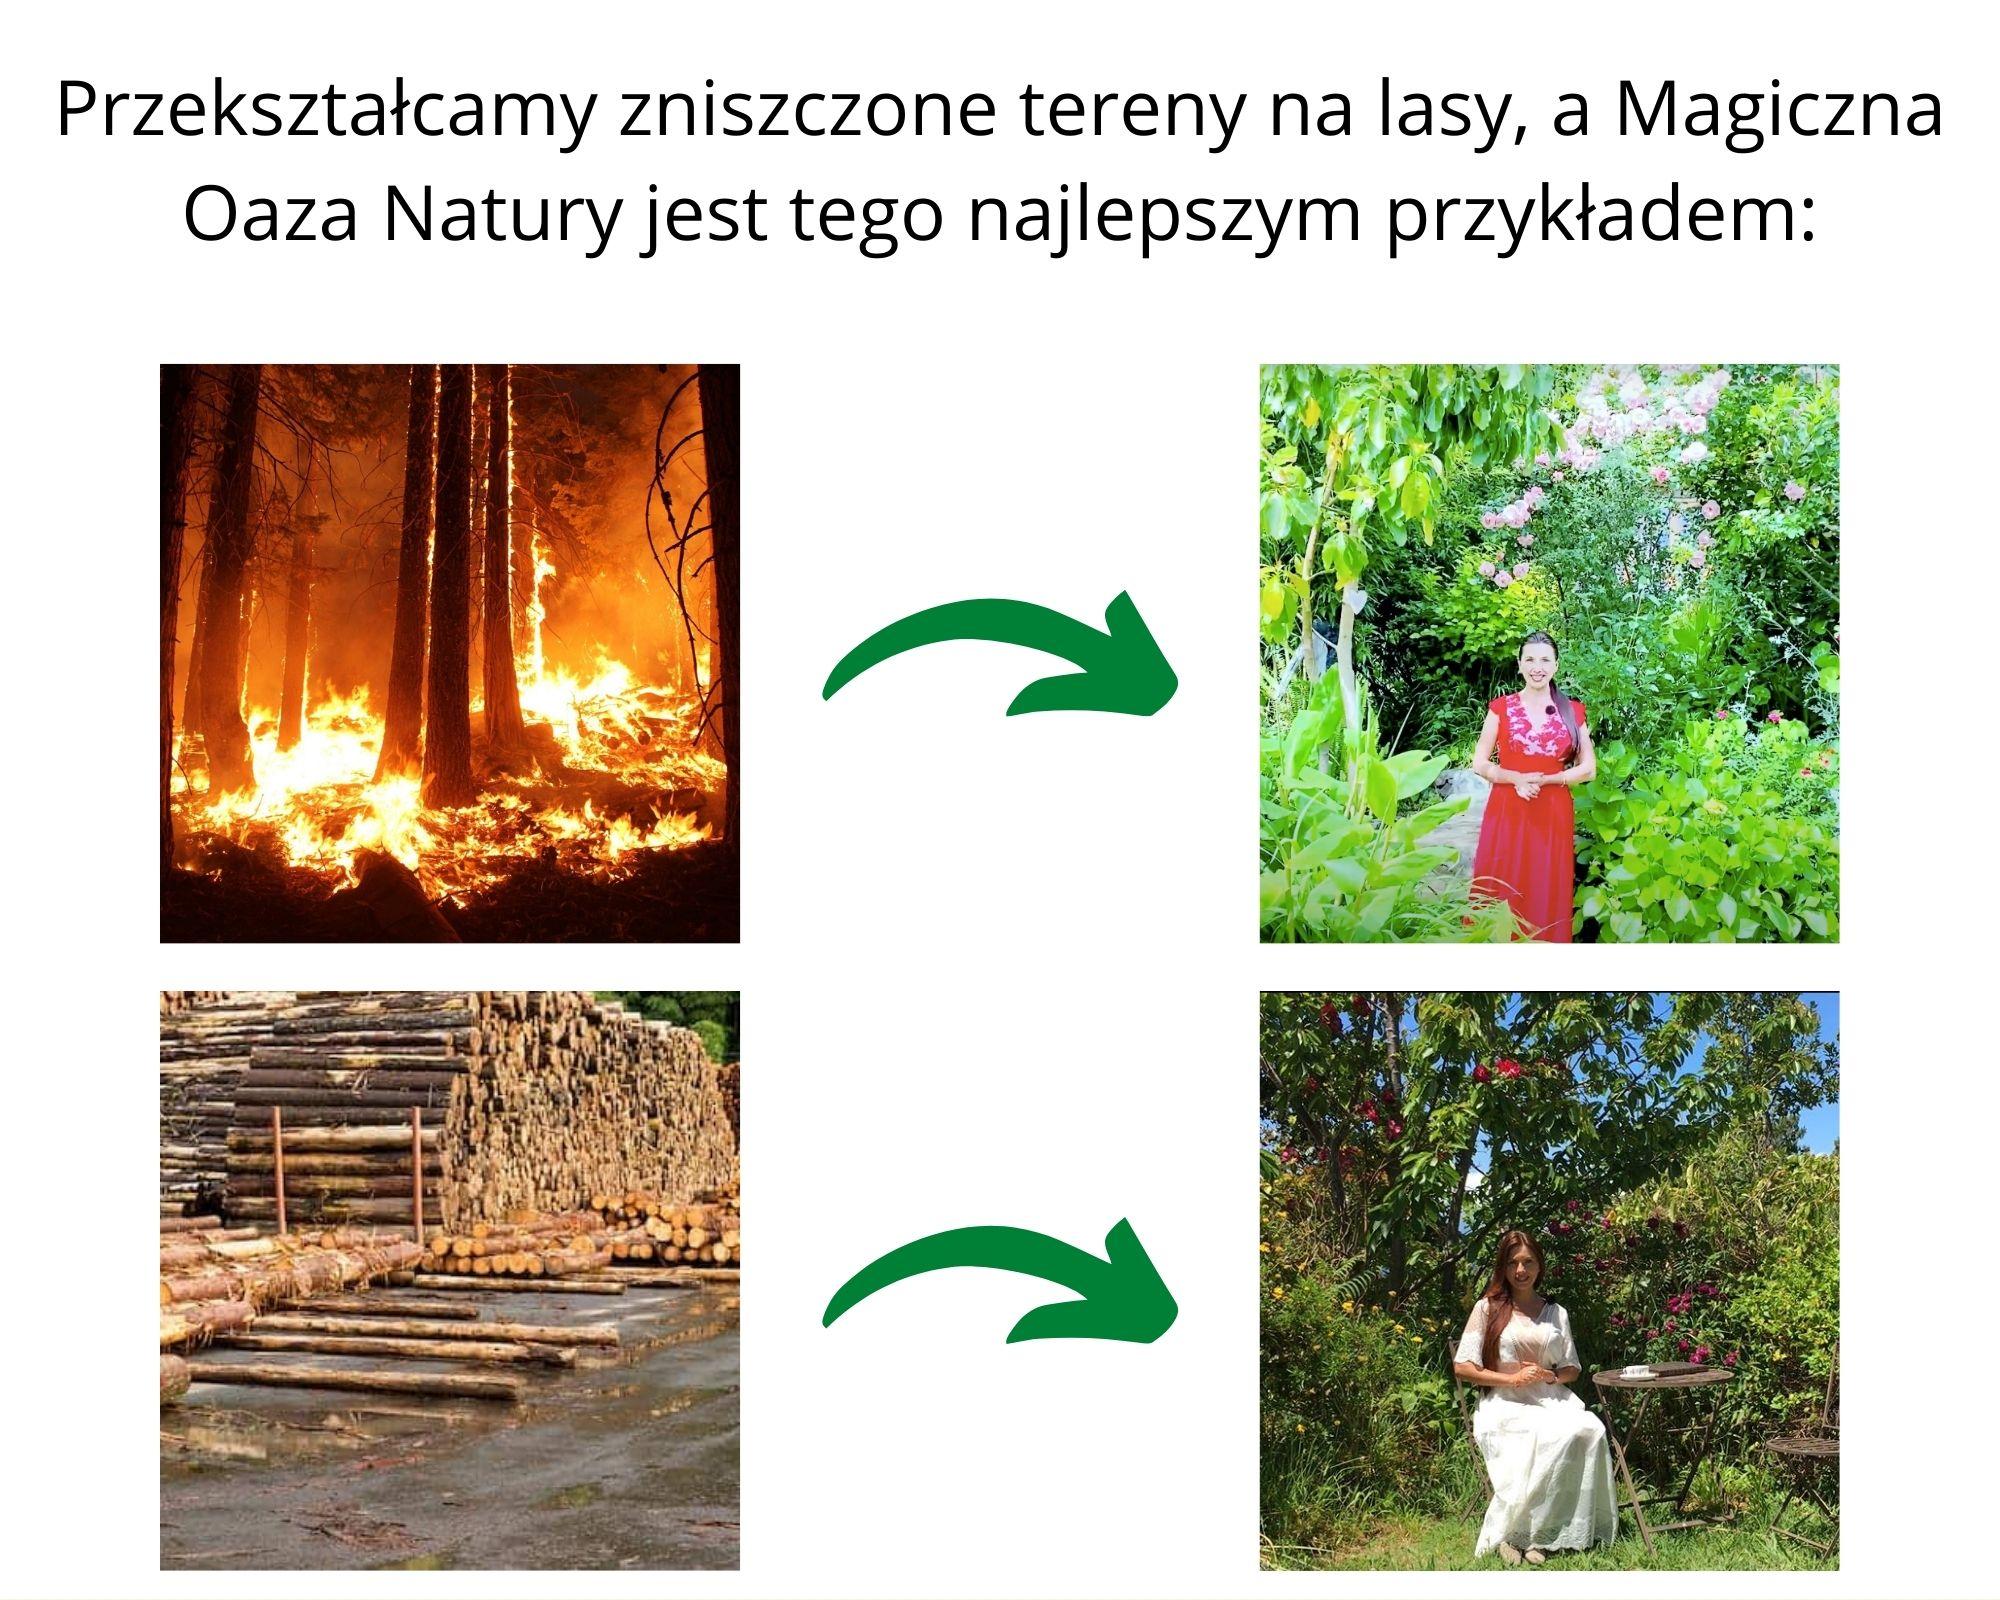 Maria Bucardi, Magiczna Oaza Natury, pomoc ziemi, ekologia, onoSemina.org,